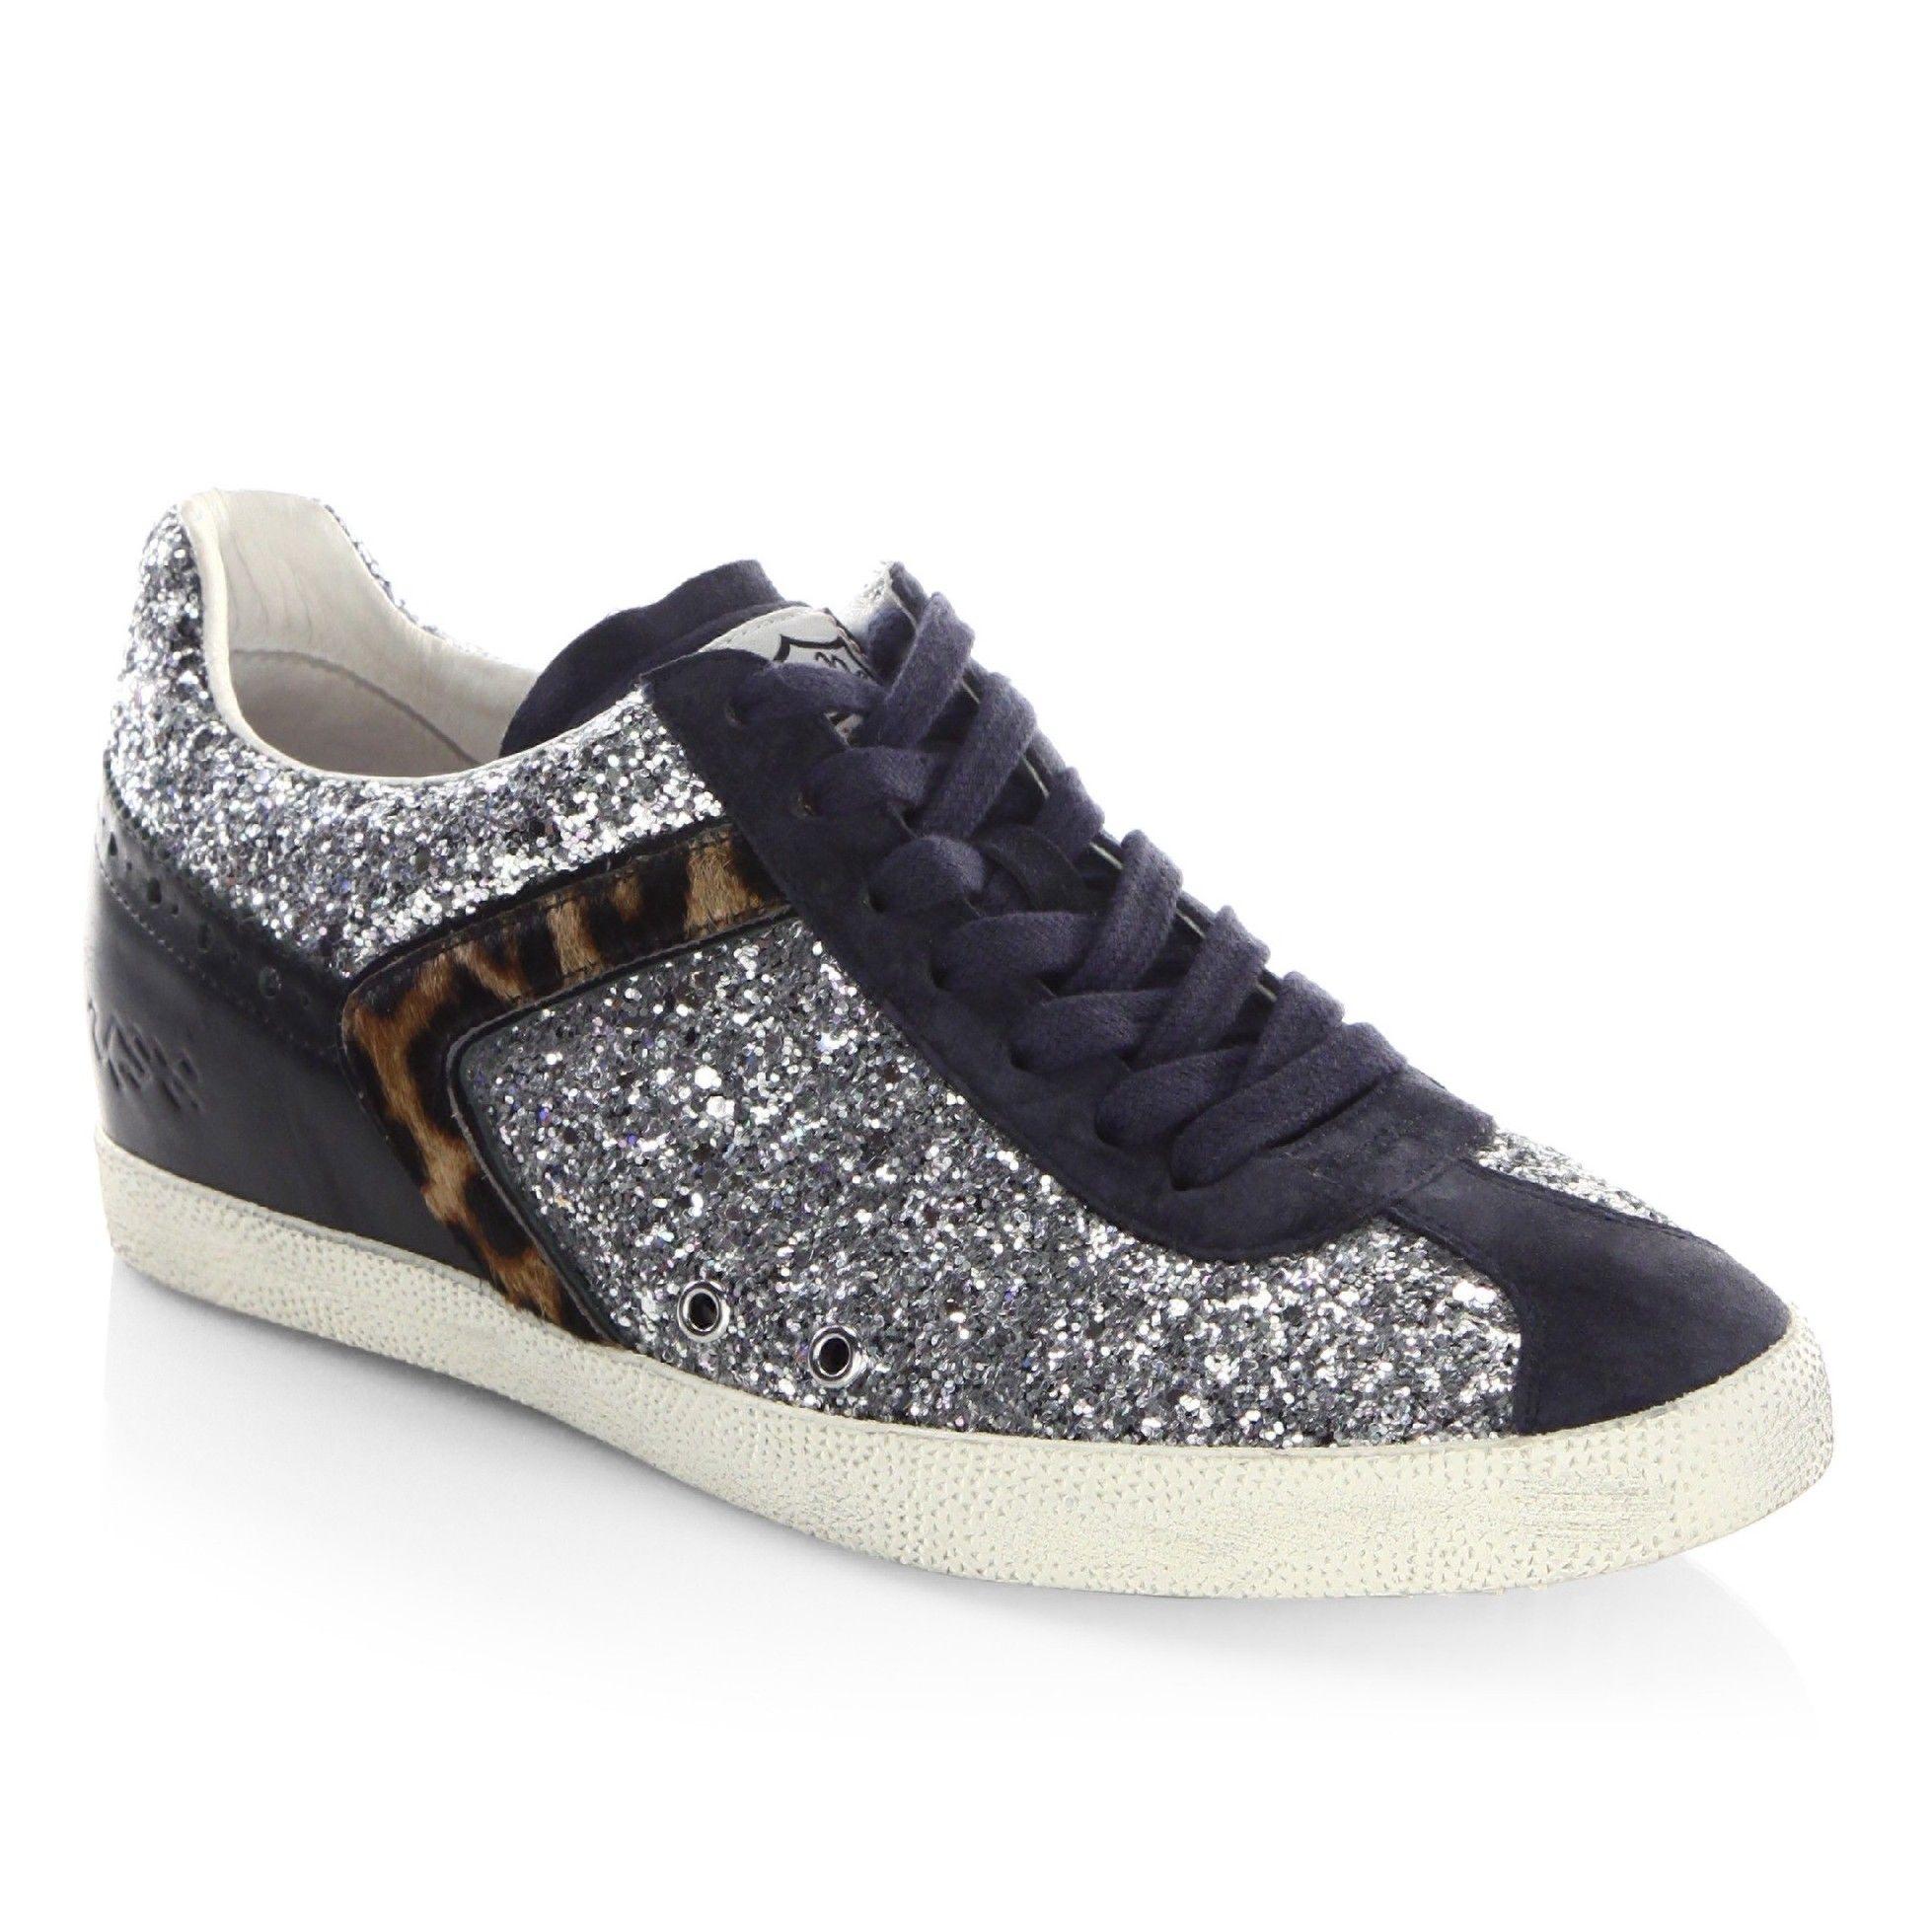 EVEREST - Sneaker low - grey Tolle dBaCz9KsR